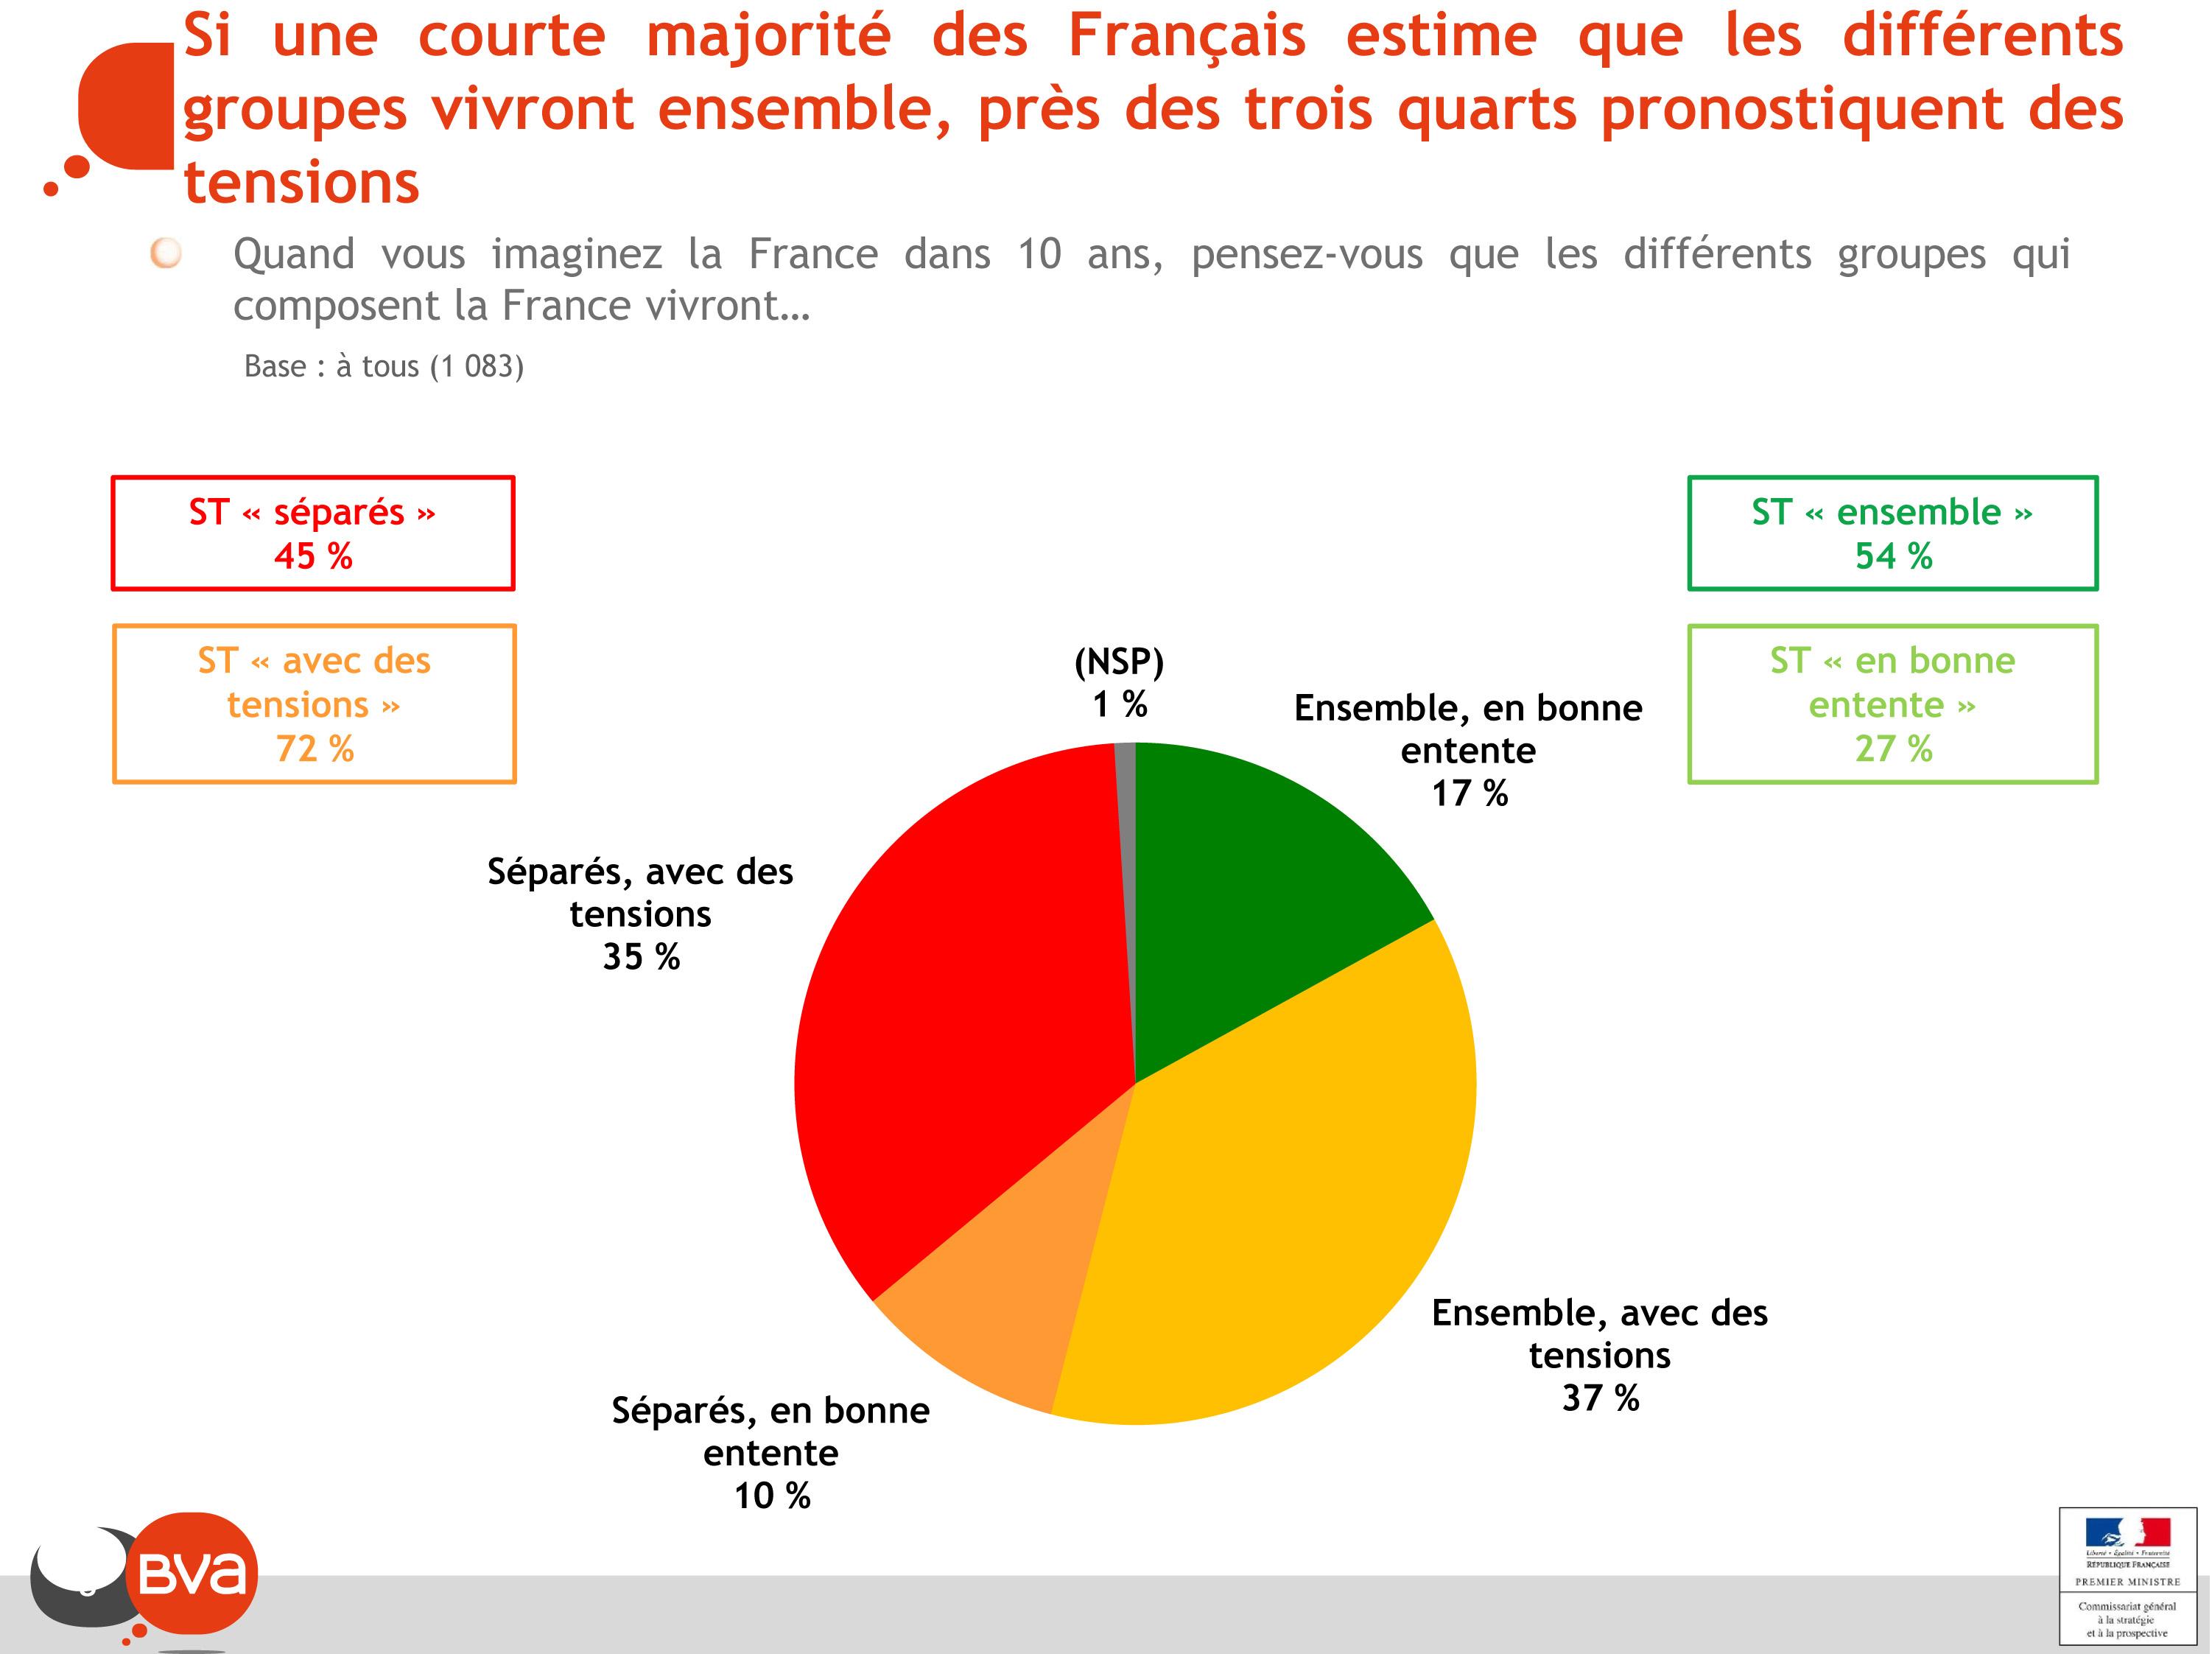 Si une courte majorité des Français estime que les différents groupes vivront ensemble, près des trois quarts pronostiquent des tensions